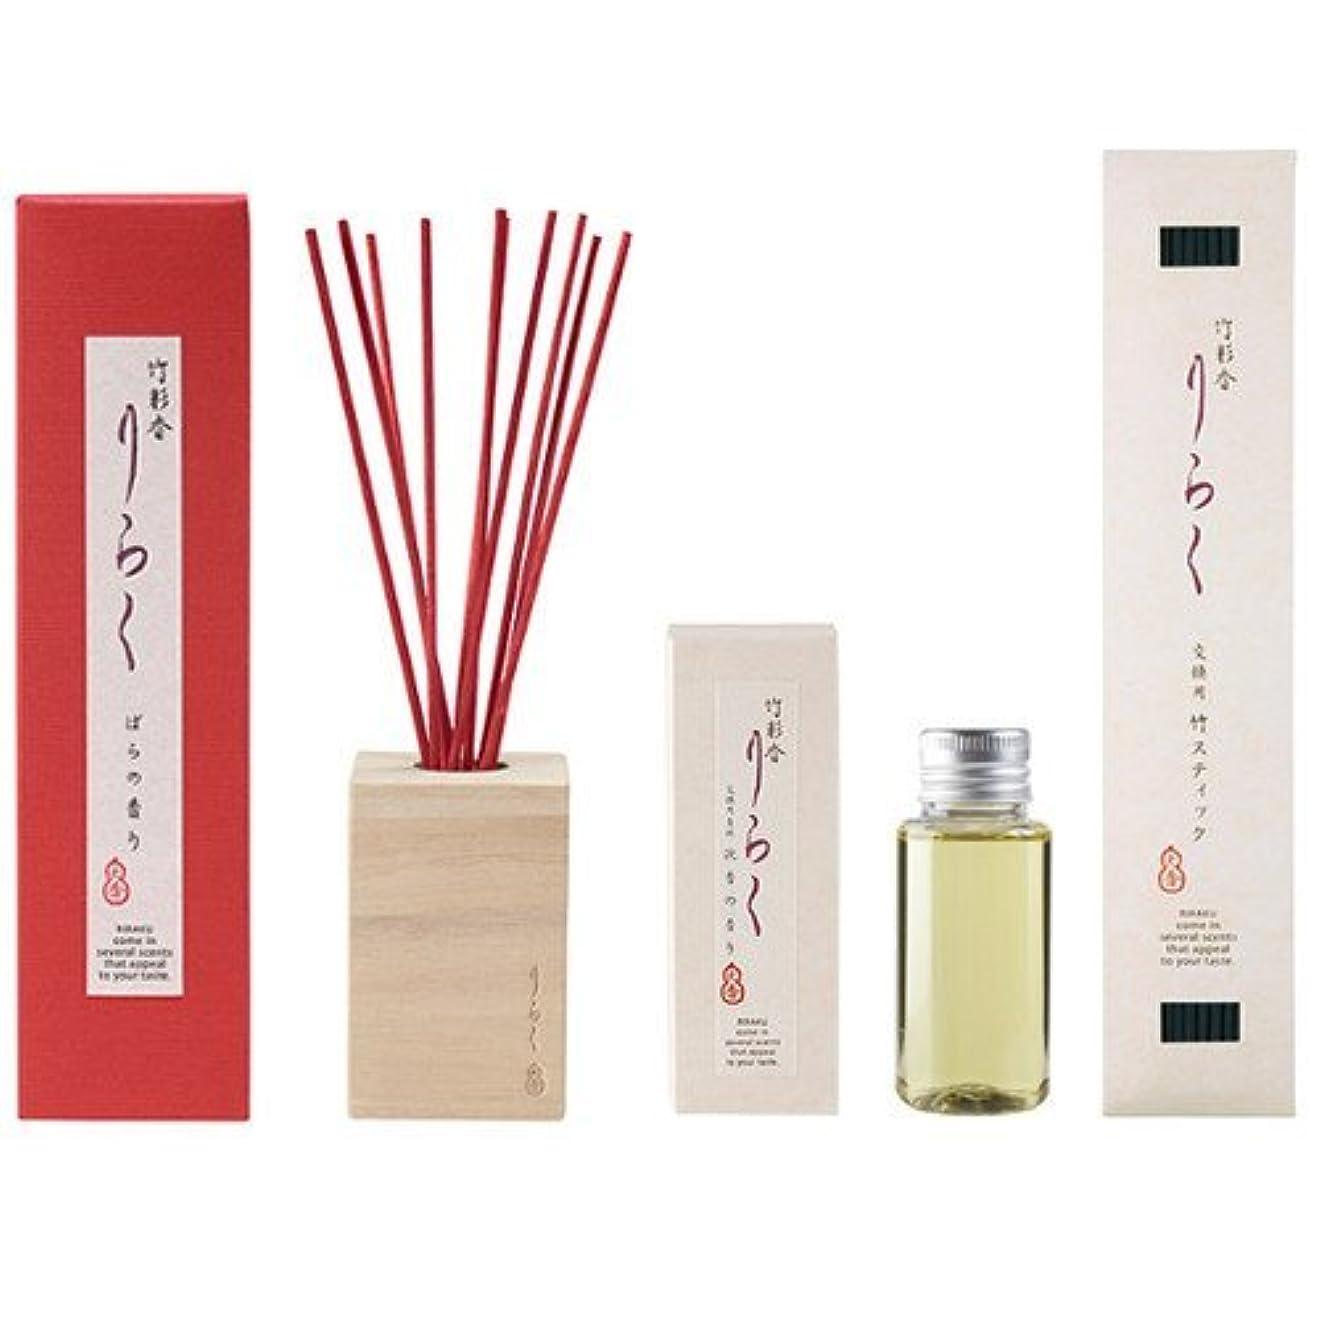 任意十一オークランド大香 竹彩香 りらく ばら 50ml と 交換用 ばら、交換用竹スティック ばらの色 セット